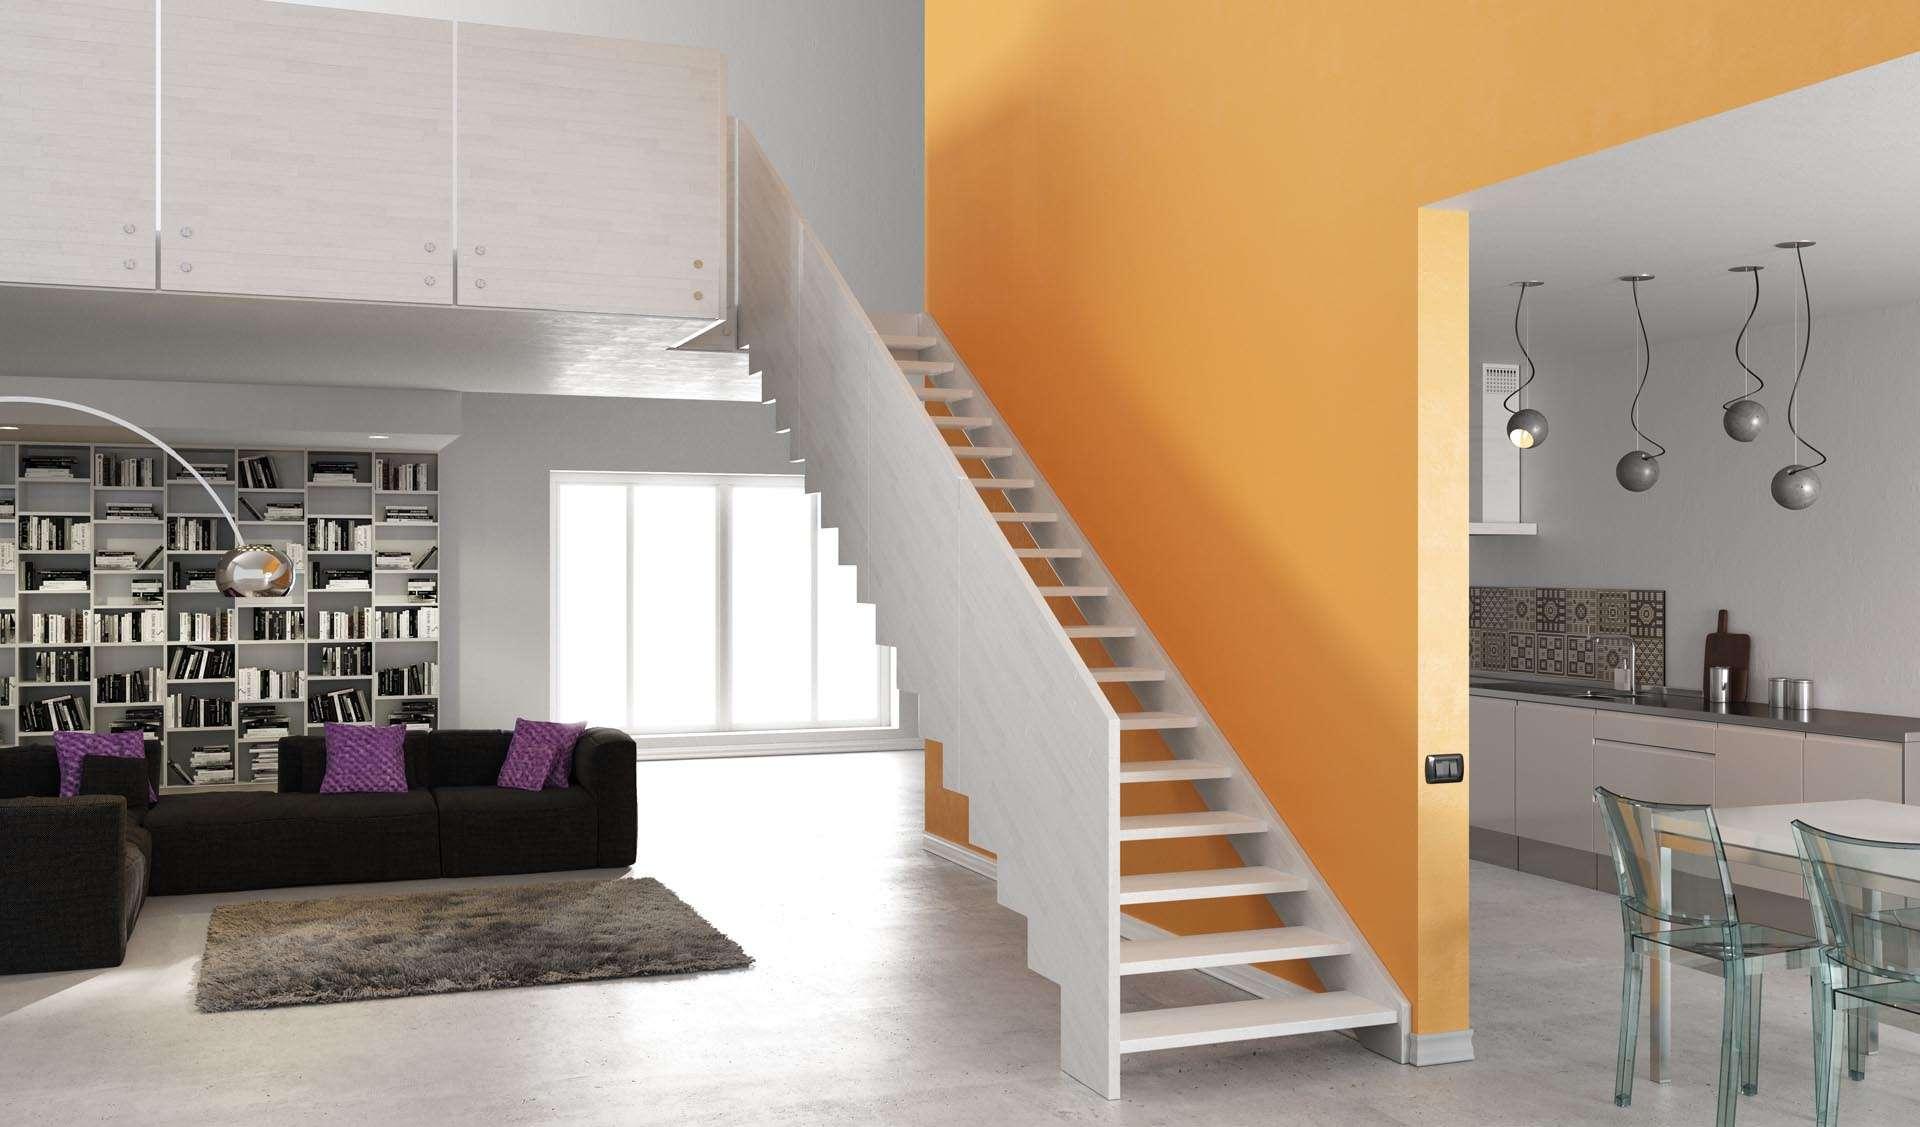 Stunning escalier interieur contemporary design trends for Escalier interieur